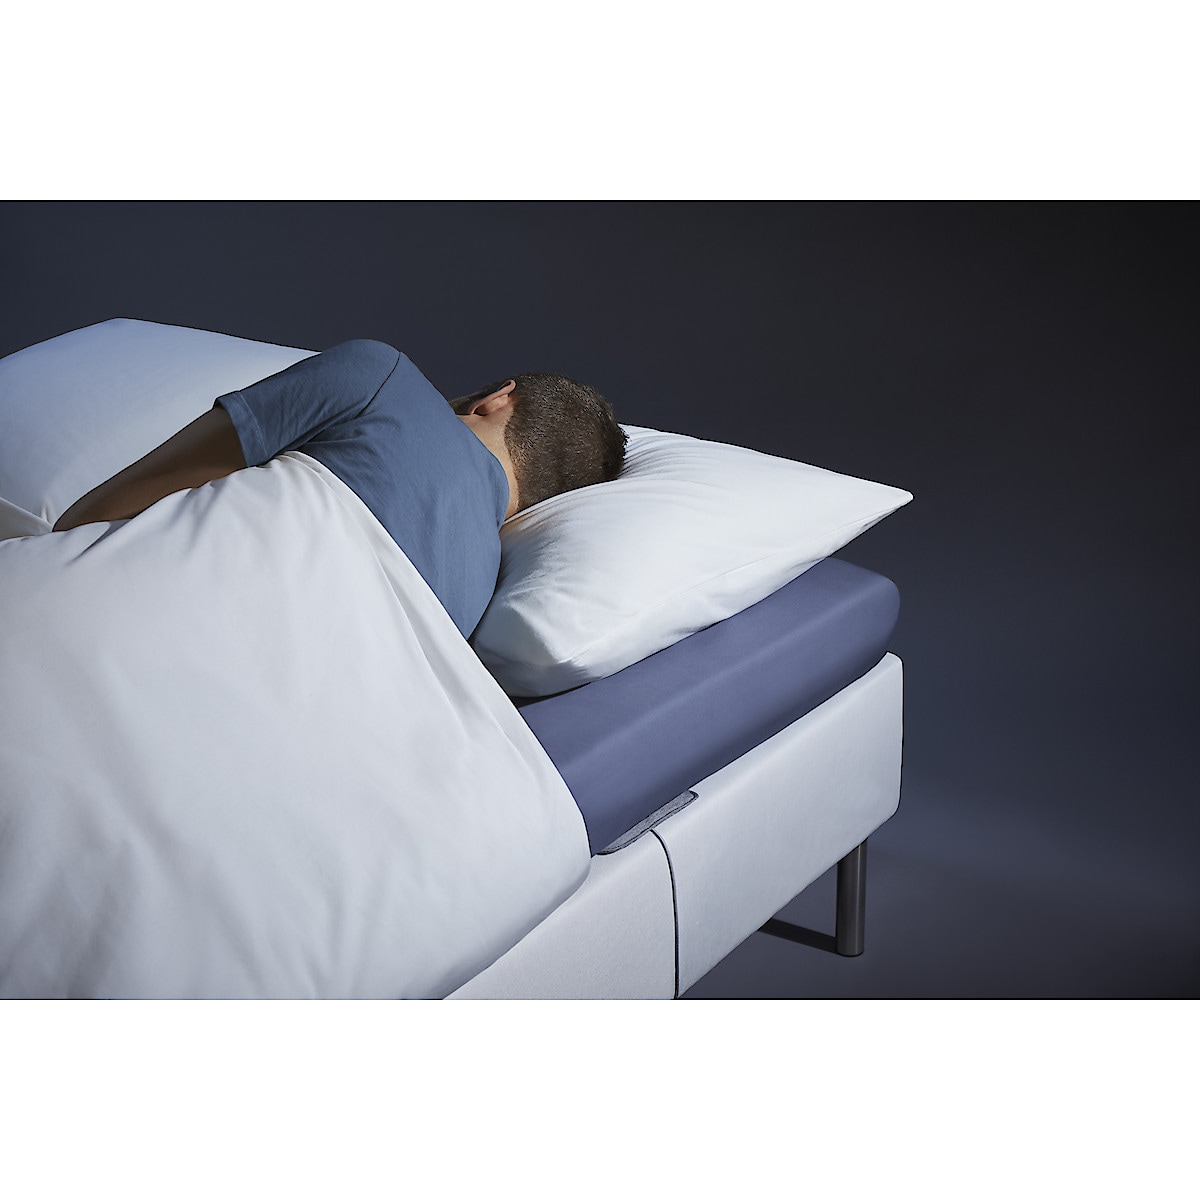 Withings Sleep, søvnsensor